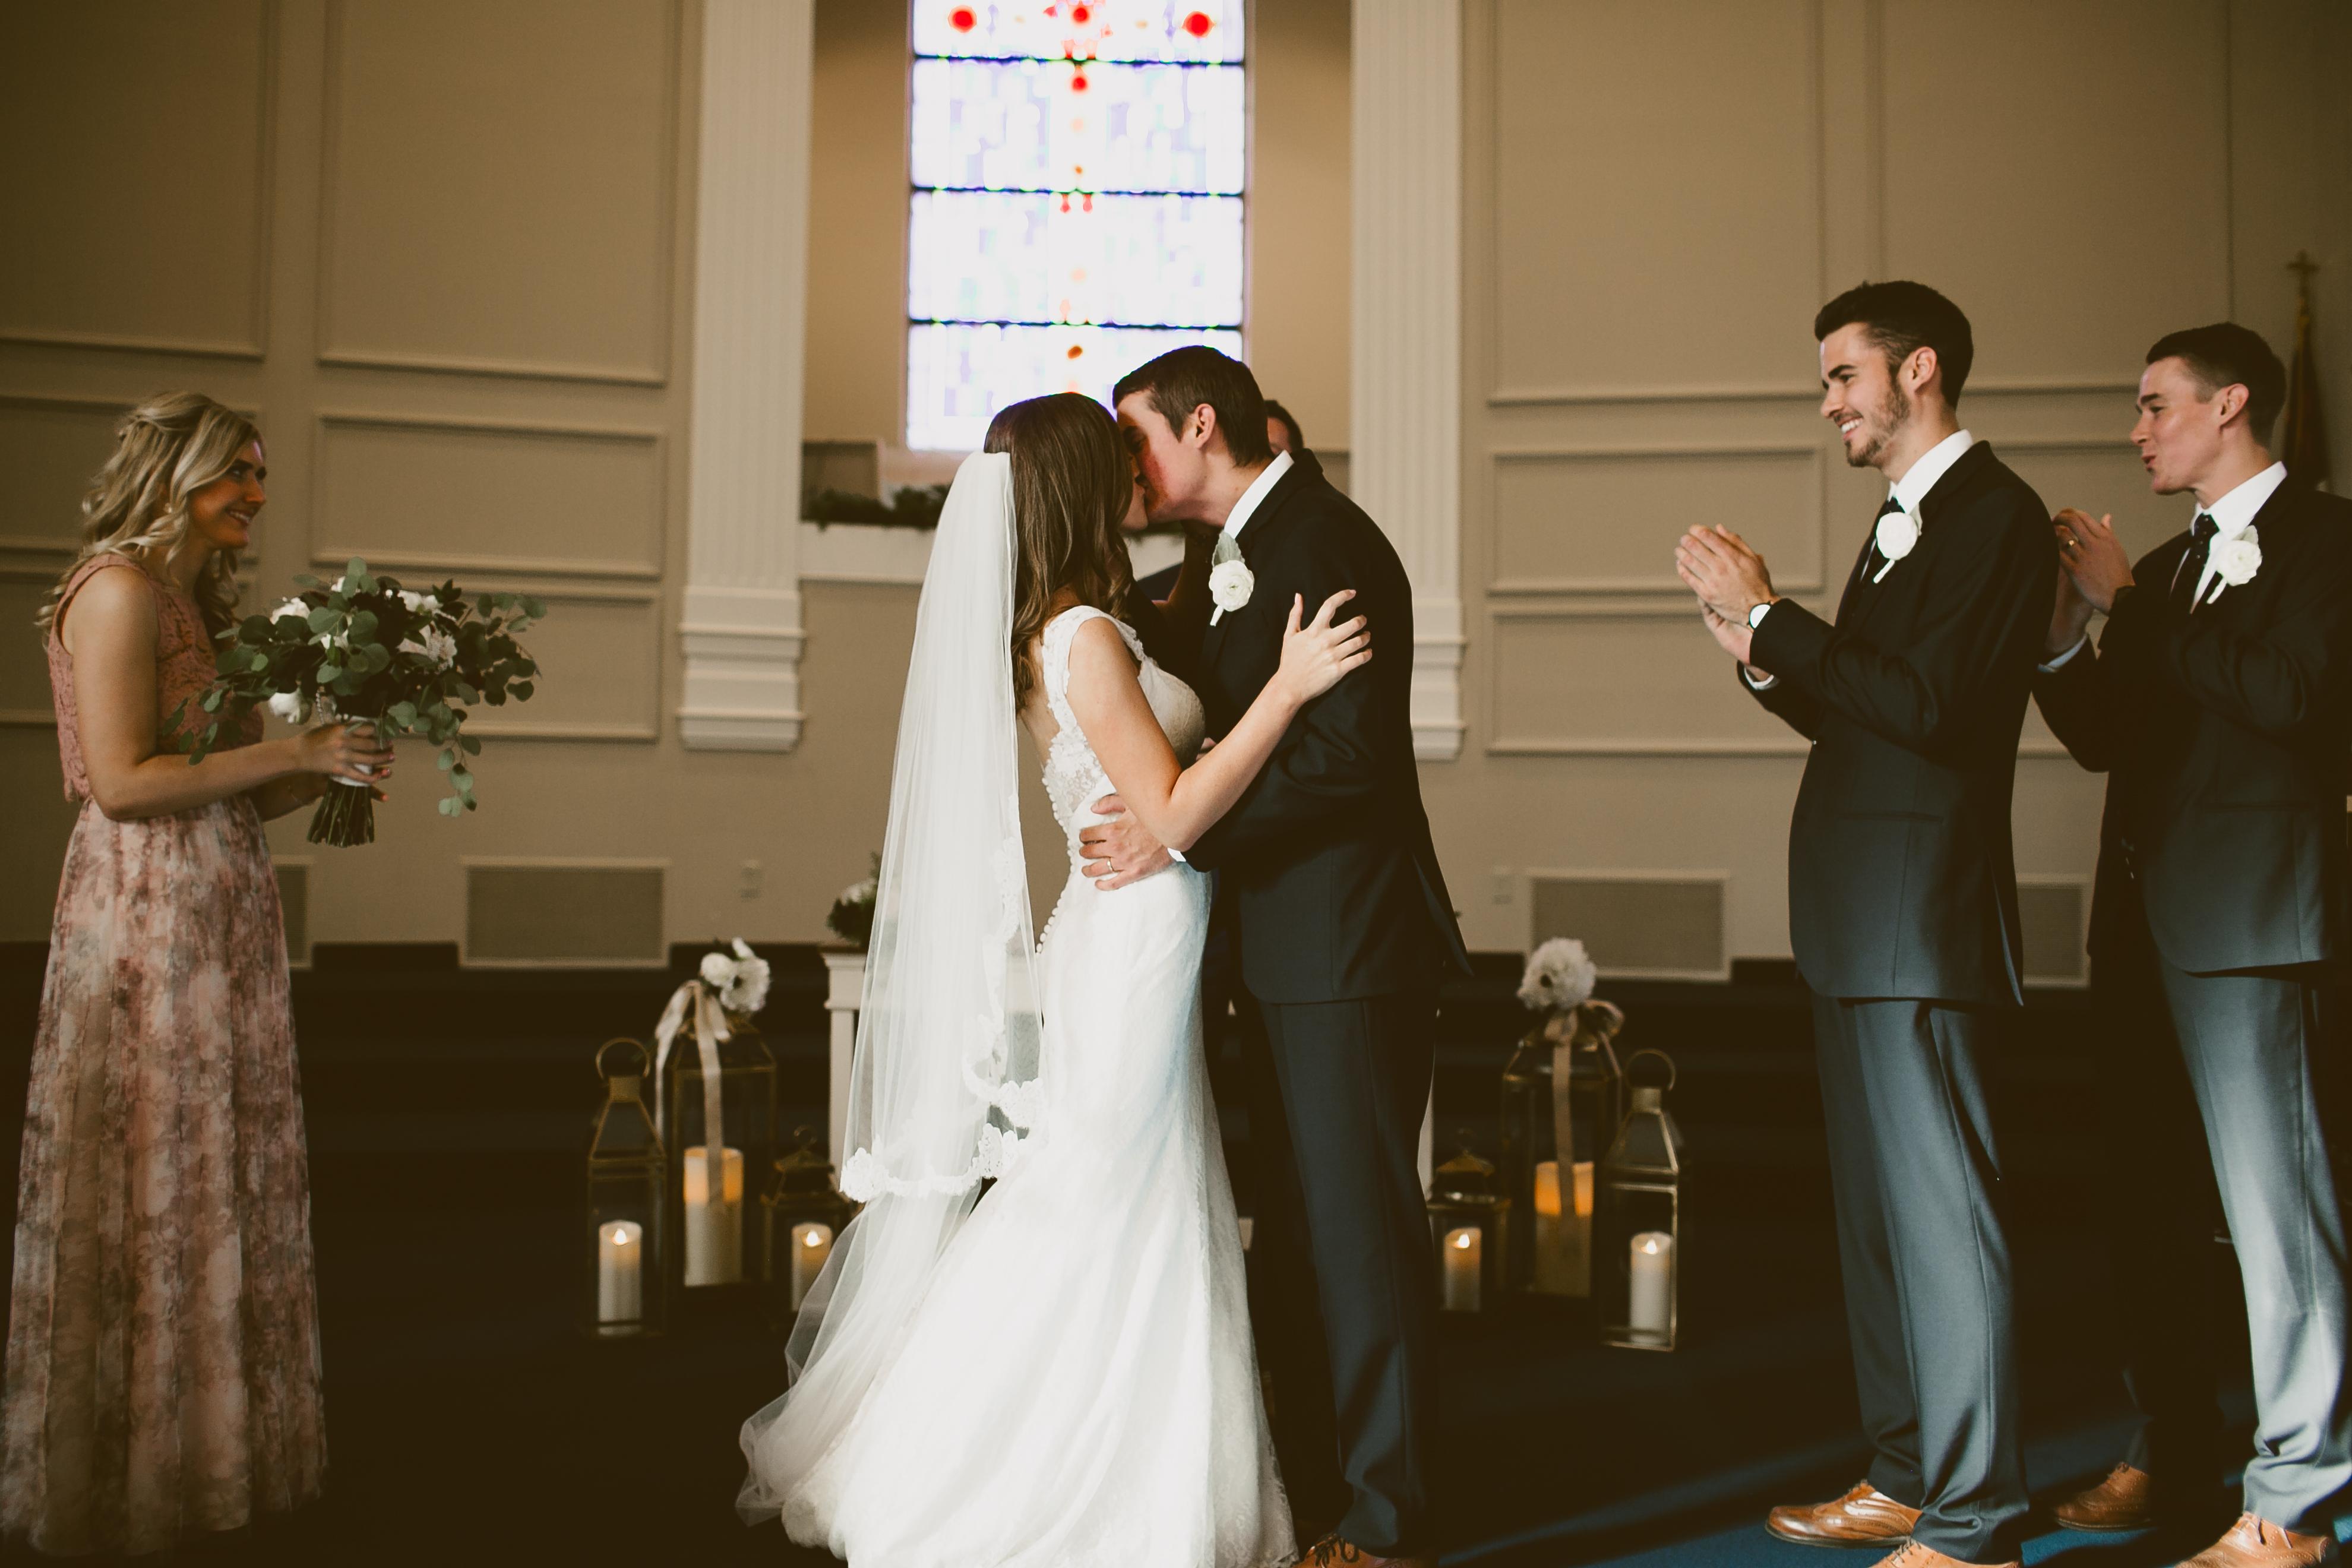 meredithjeffwedding-636